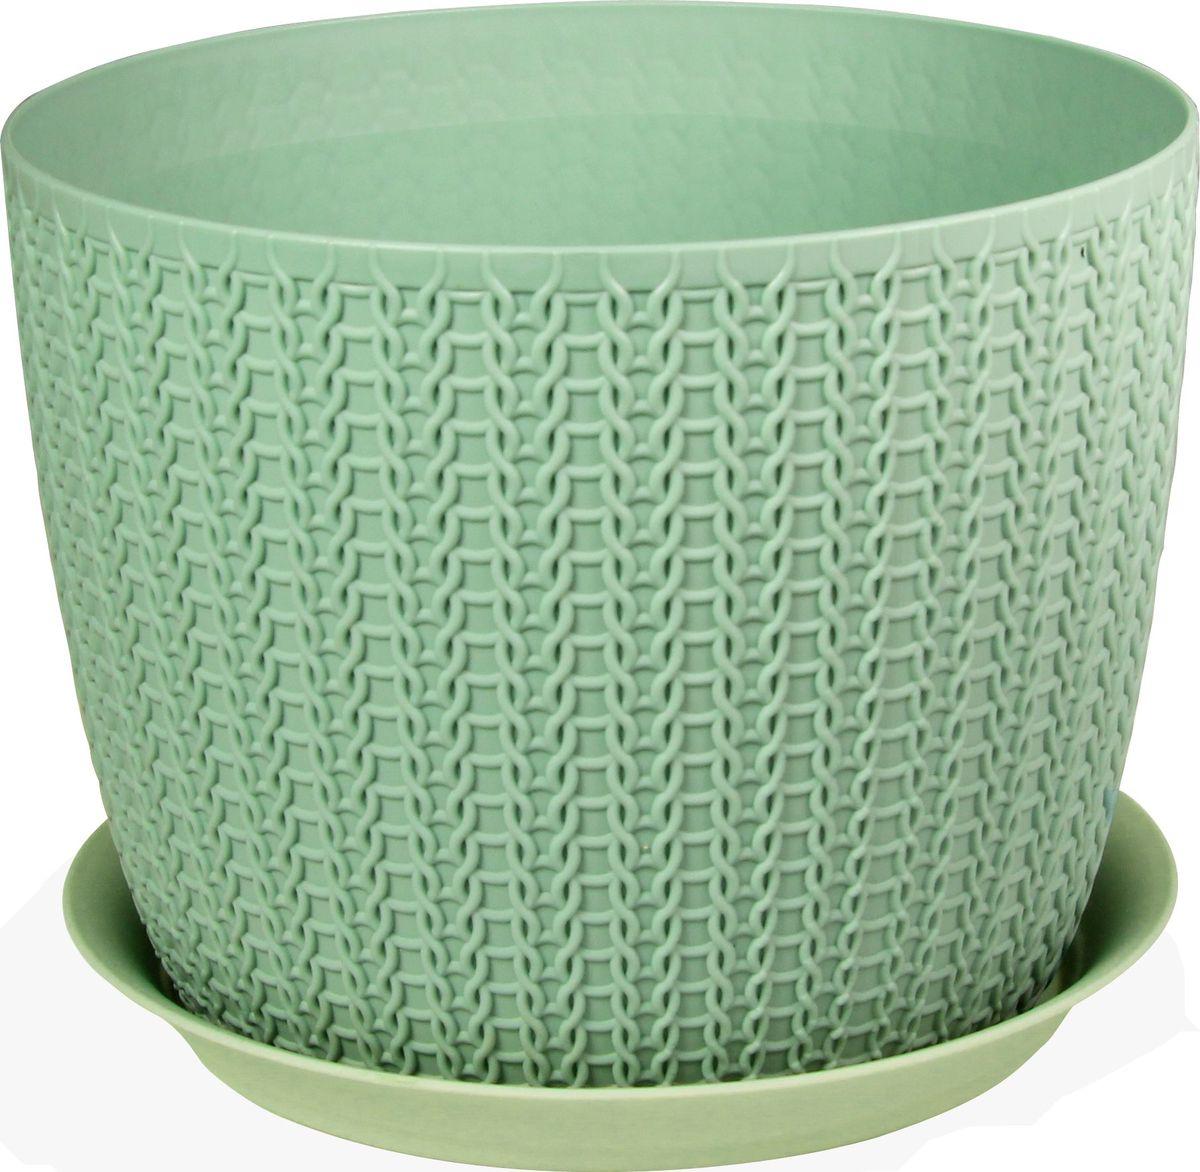 Кашпо Idea Вязание, с поддоном, цвет: фисташковый, диаметр 13,5 см. М 3119М 3119_фисташковый